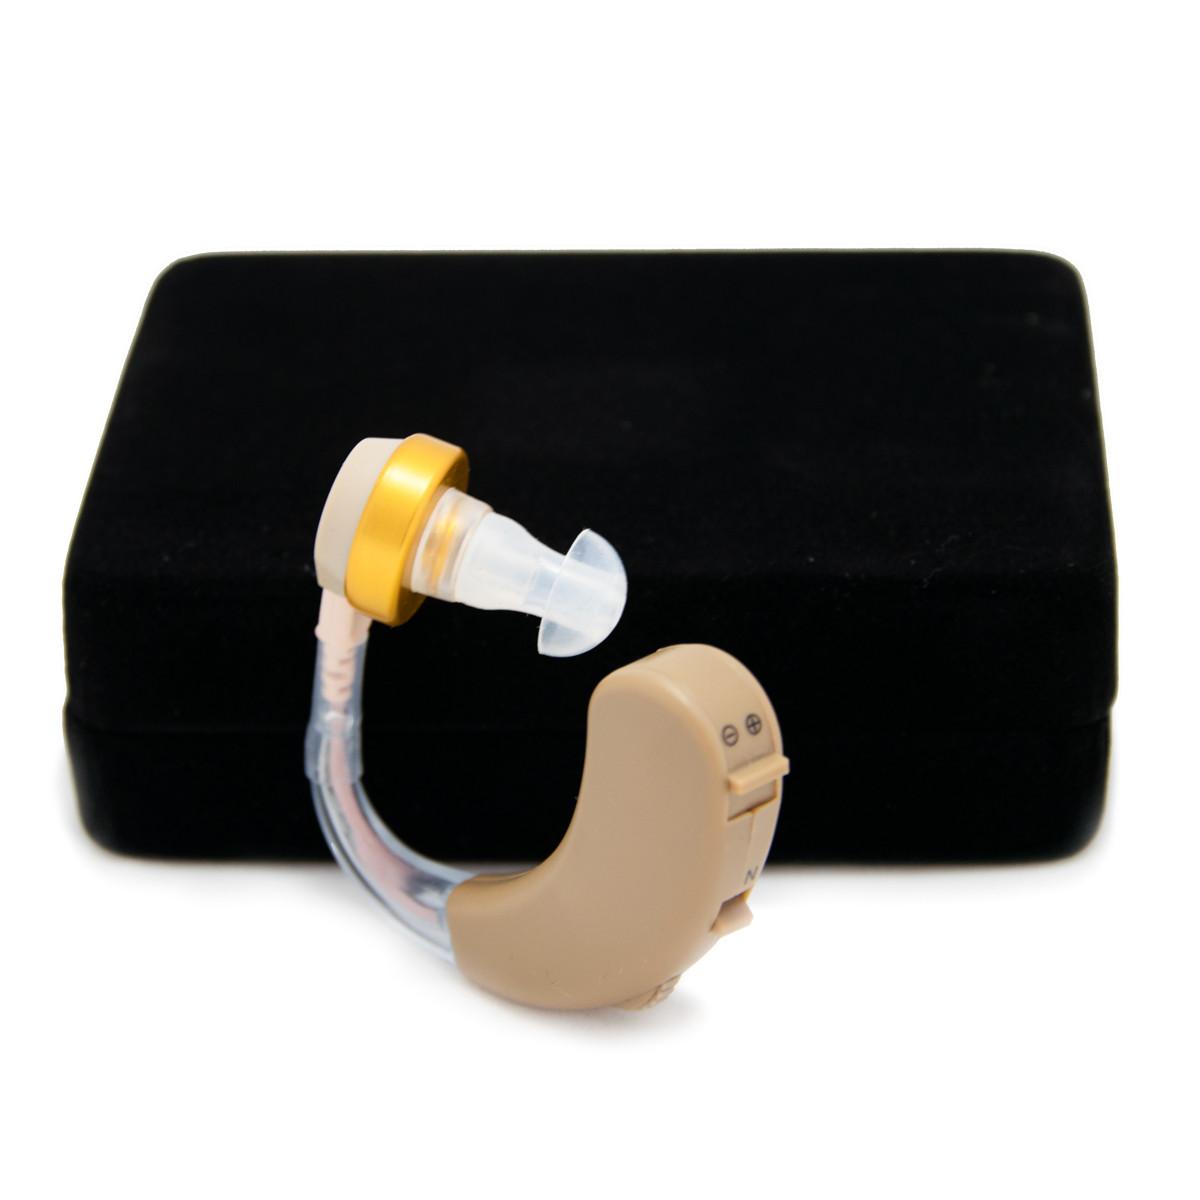 Слуховой аппарат Axon V-163 усилитель заушный, аналоговый ушной аппарат для улучшения слуха (ST)